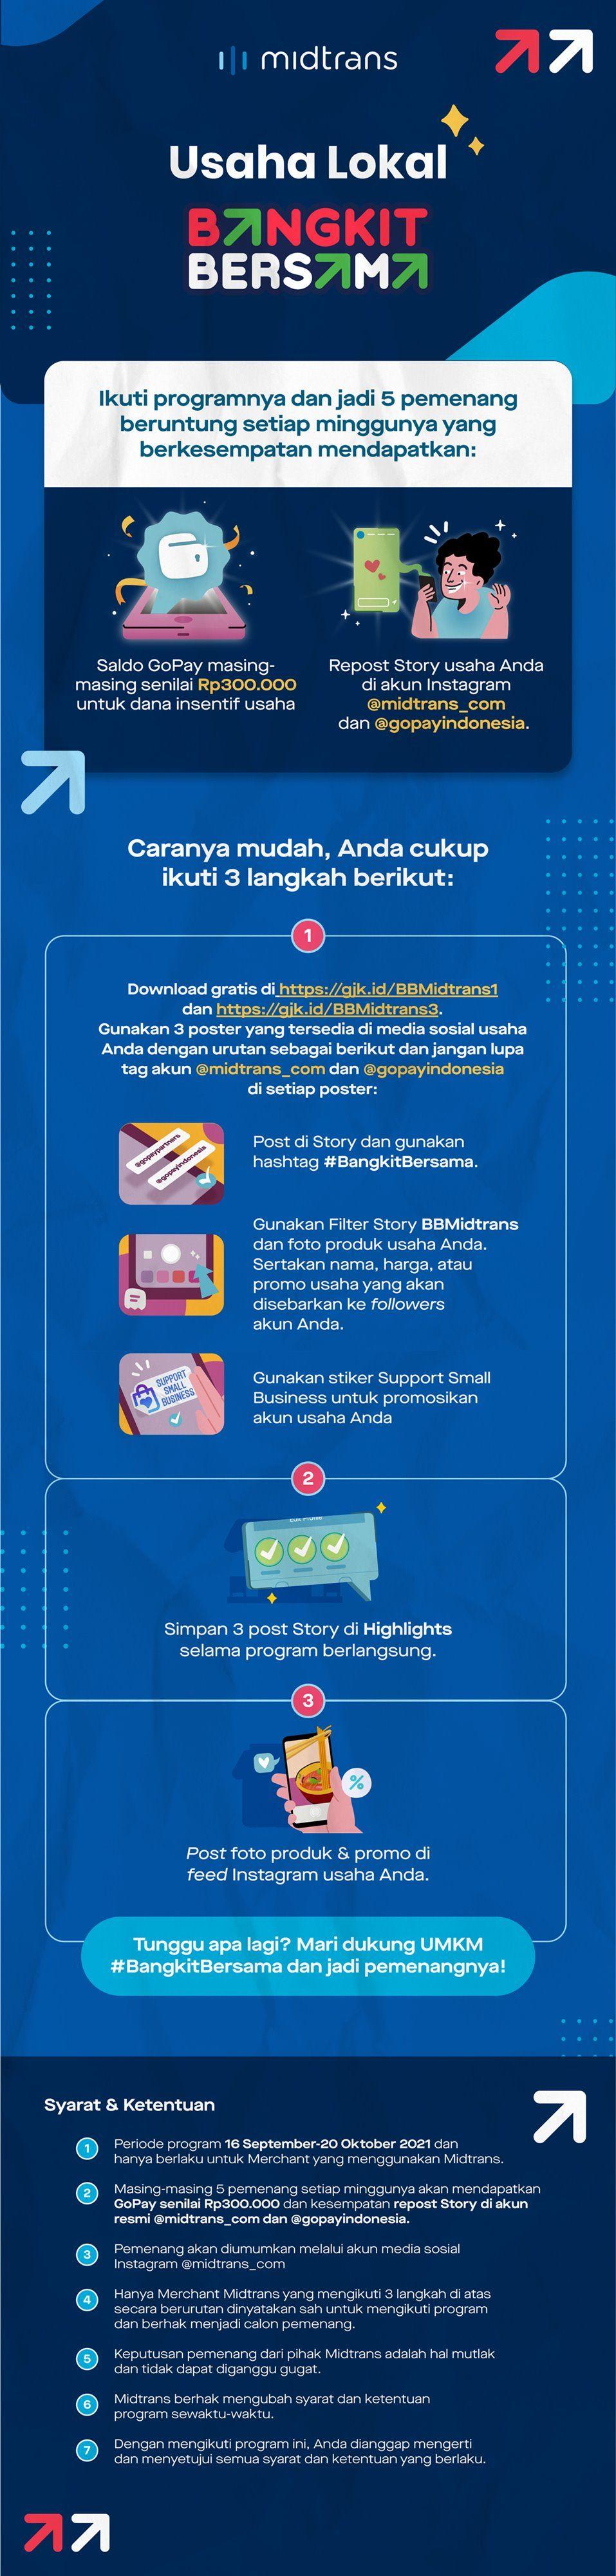 #BangkitBersama-Midtrans-Menuju-Merdeka-Finansial-dan-Raih-Dana-Insentif-Usaha-Jutaan-Rupiah!